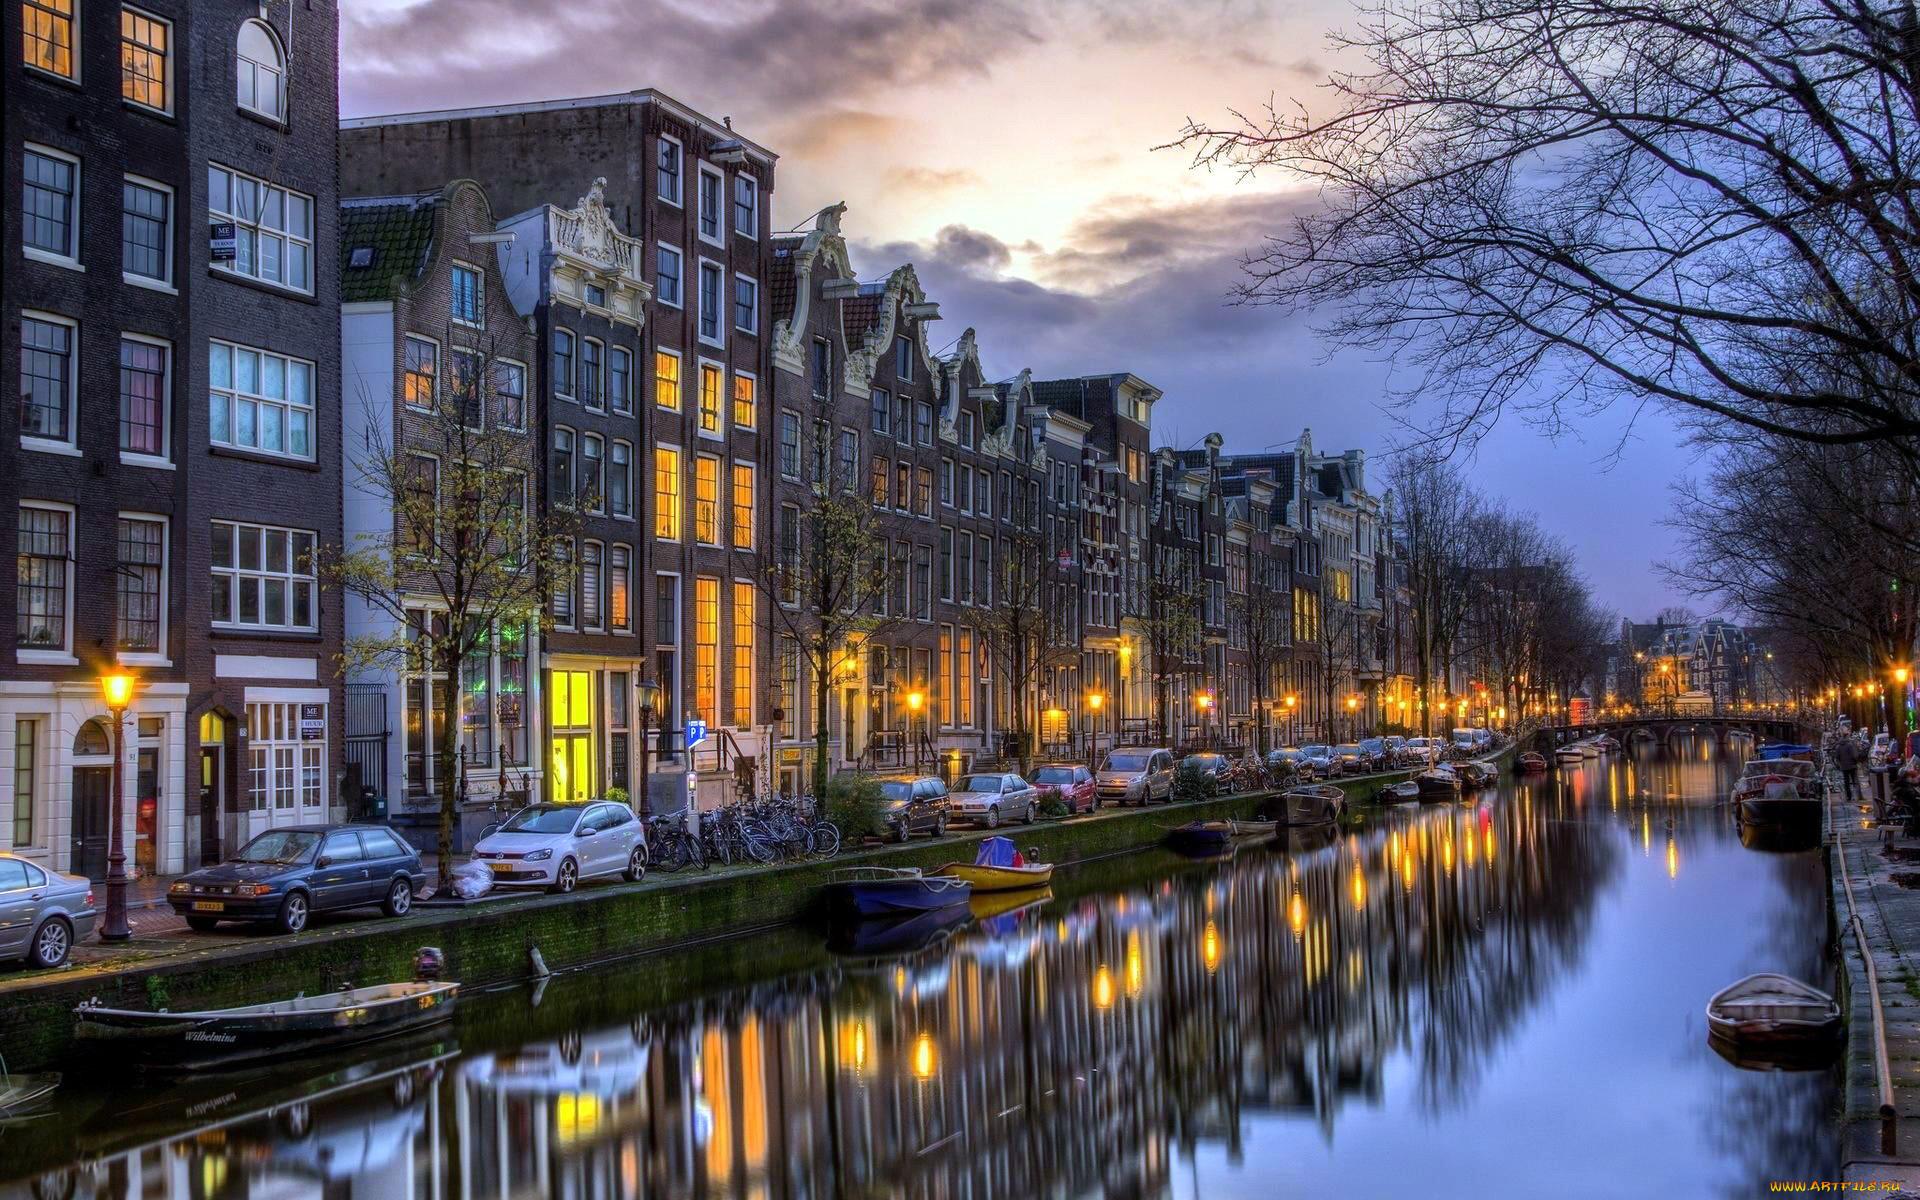 юрьевич, голландия фото города печати изготовление такого